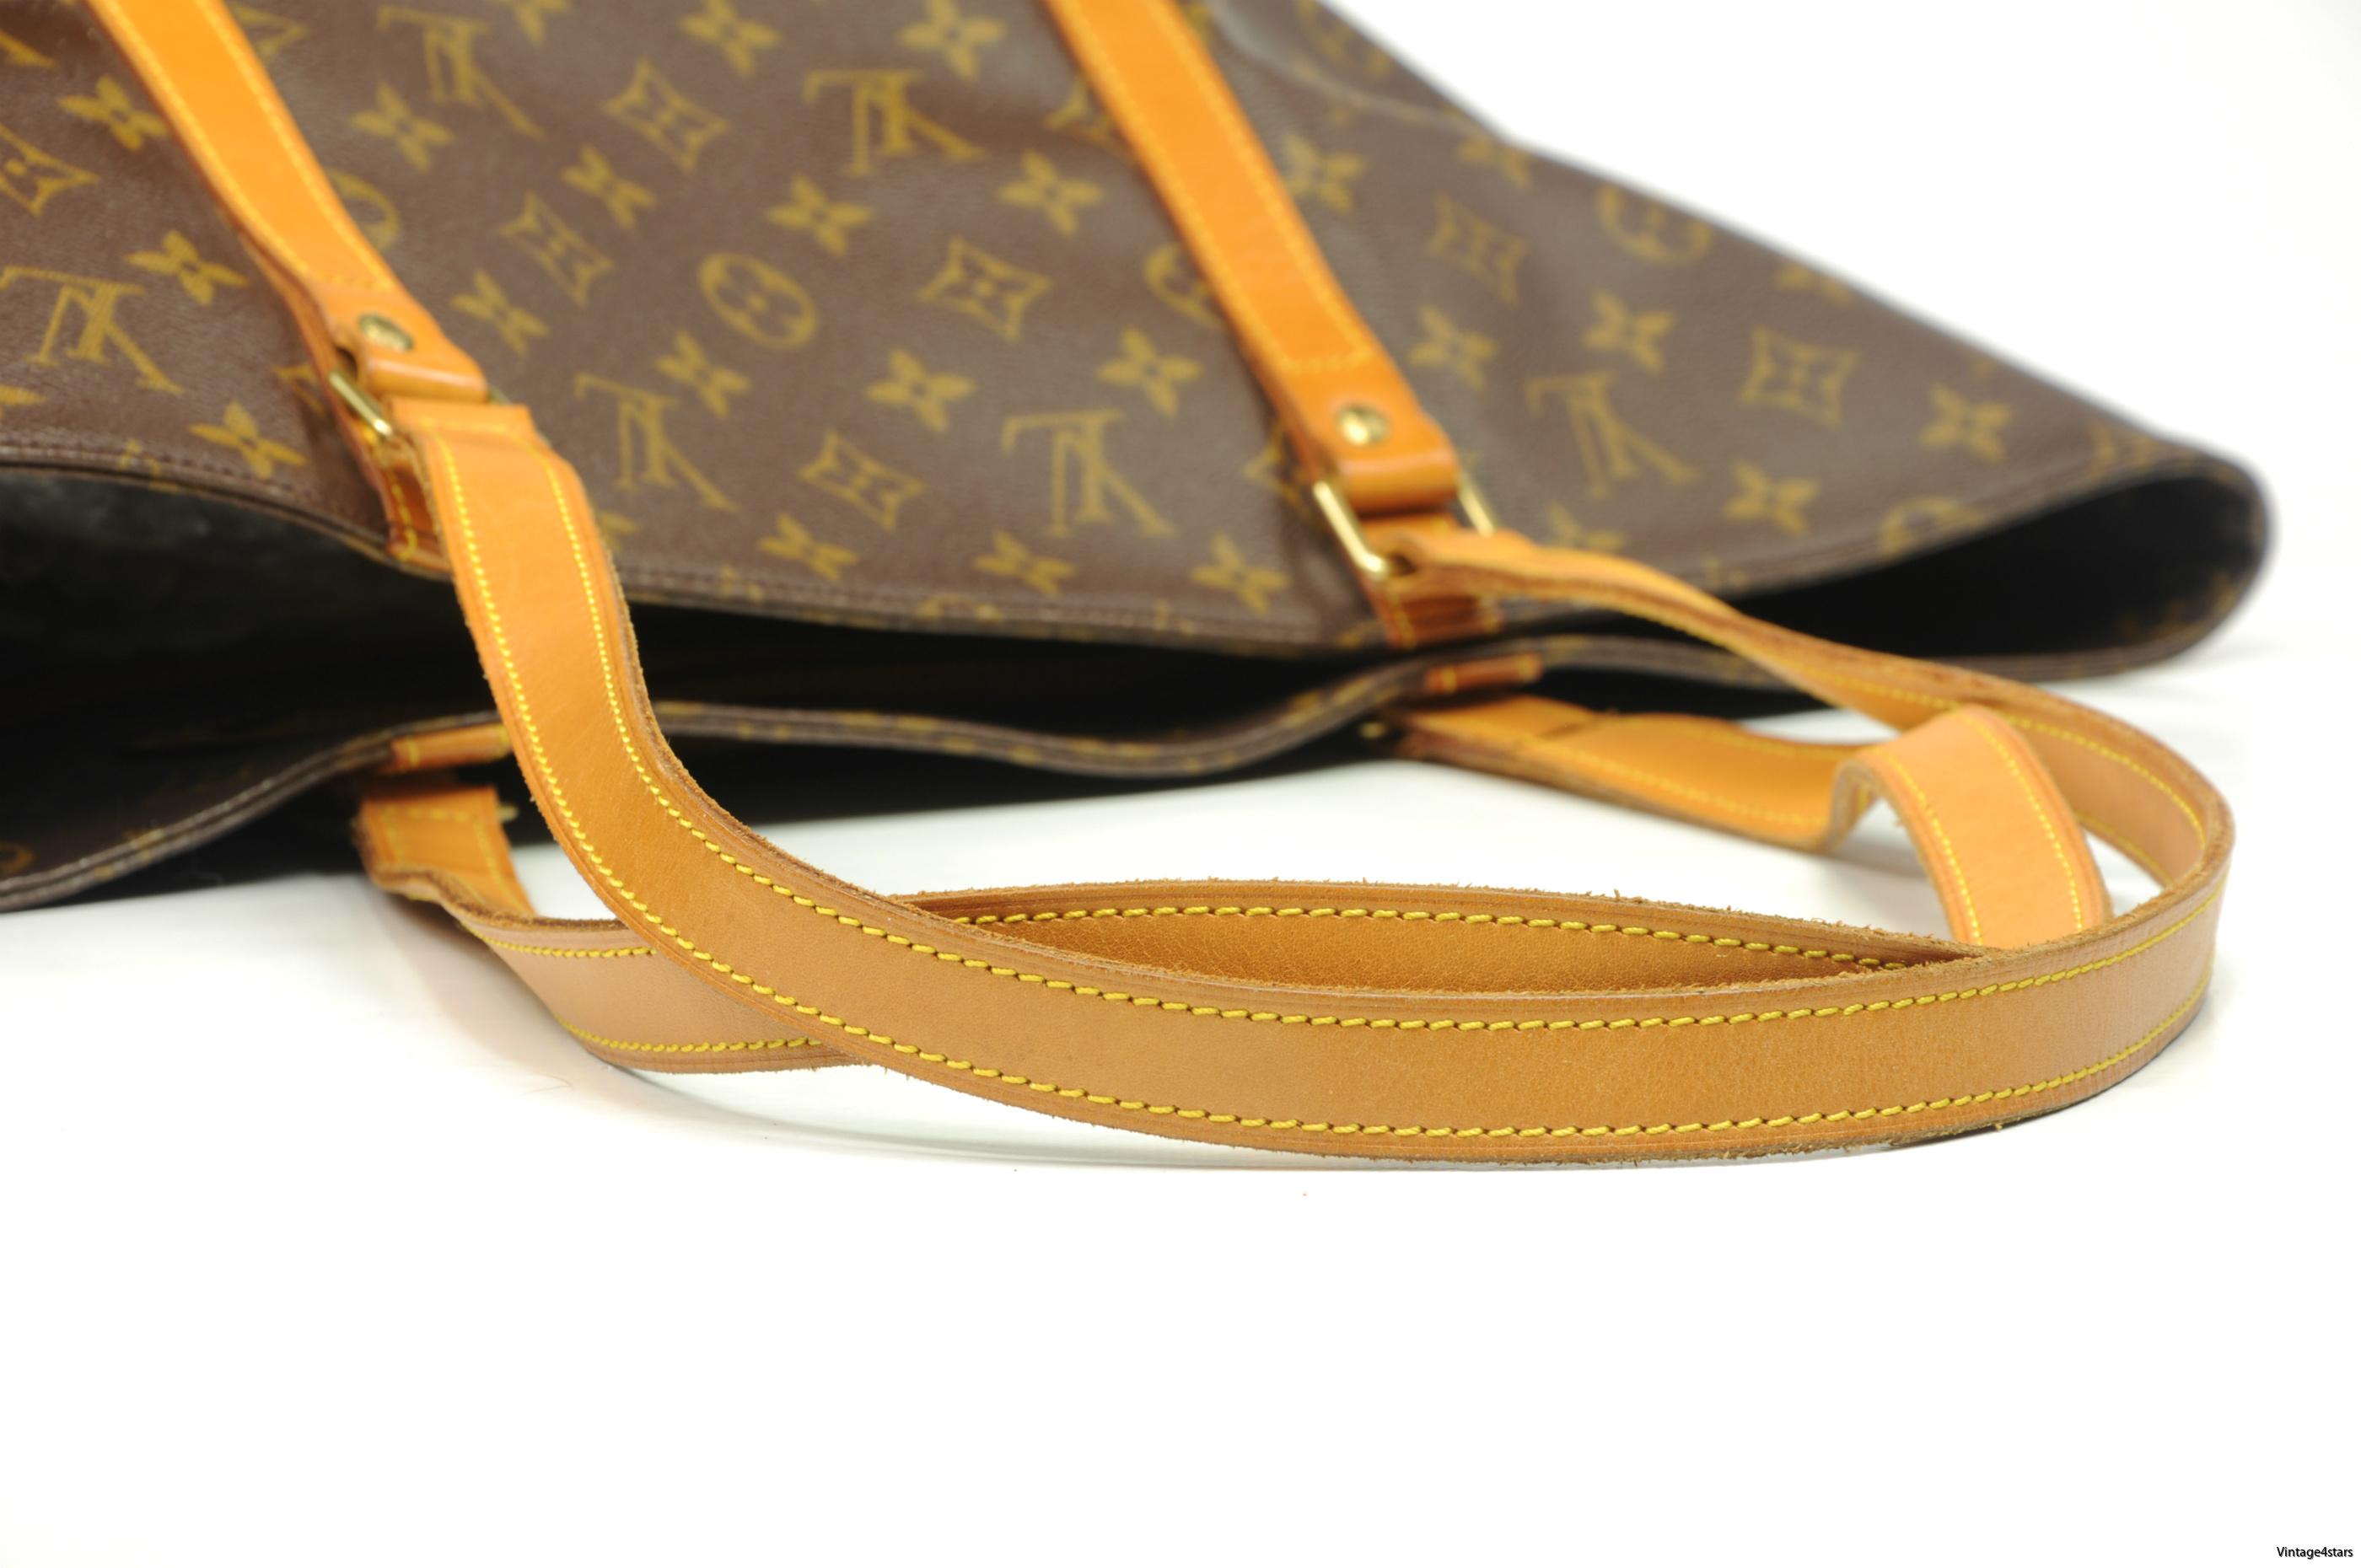 Louis Vuitton Sac Shopping 6a